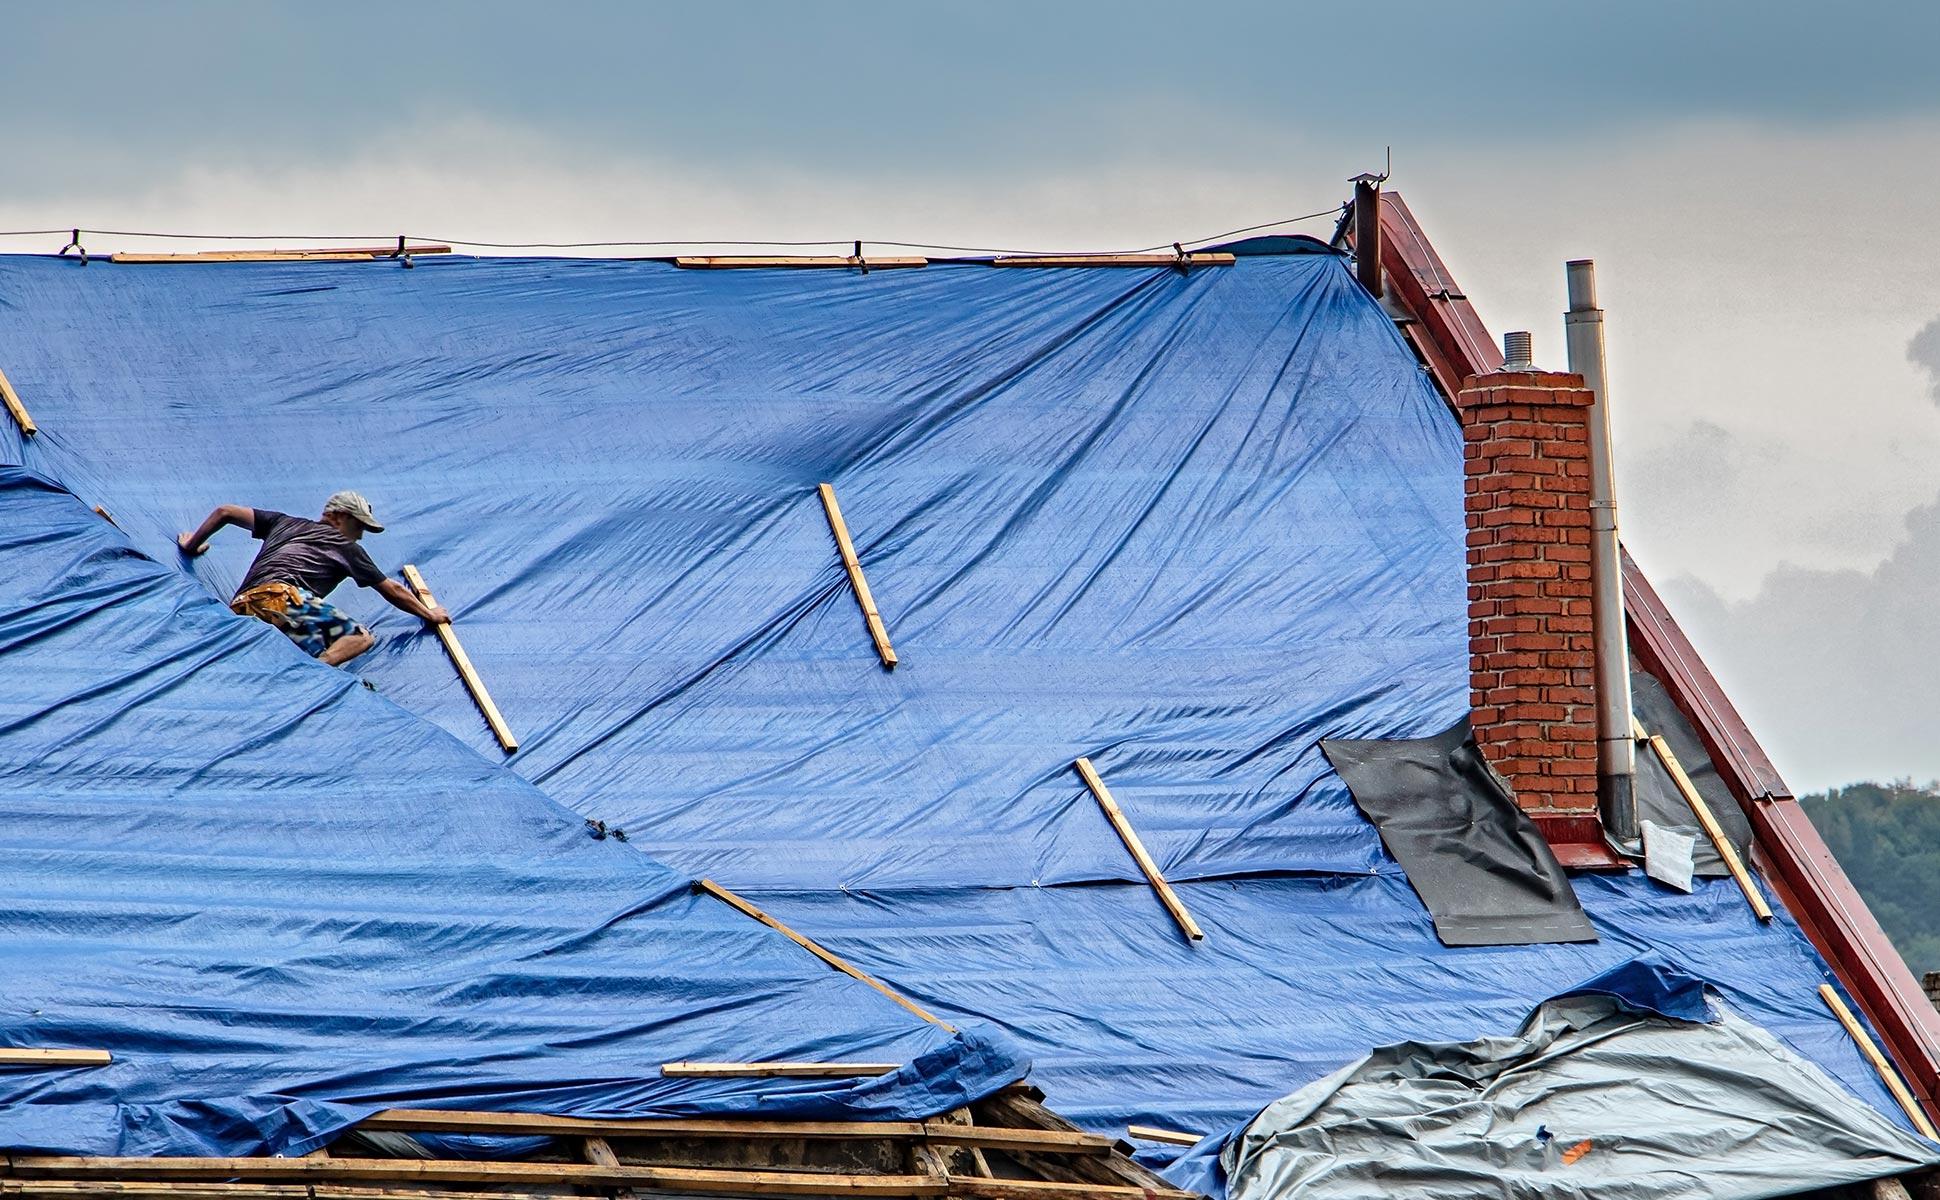 Réparation de toiture en urgence